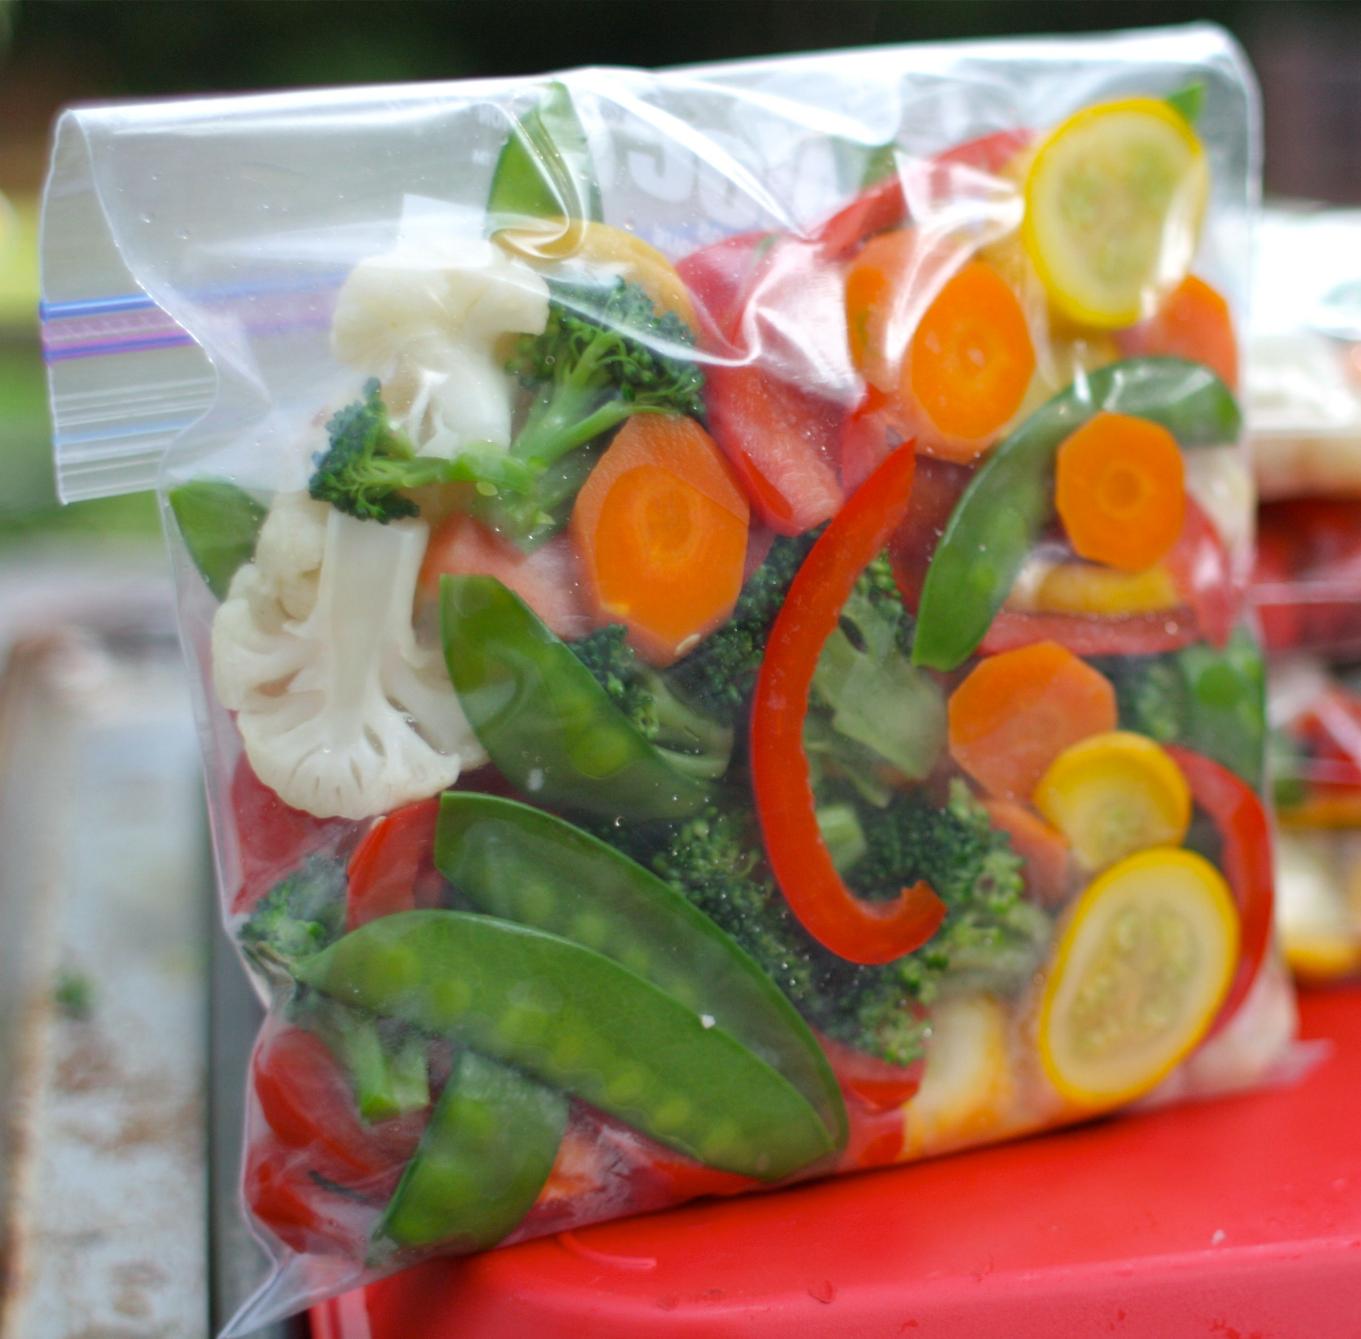 Сколько можно хранить замороженные овощи